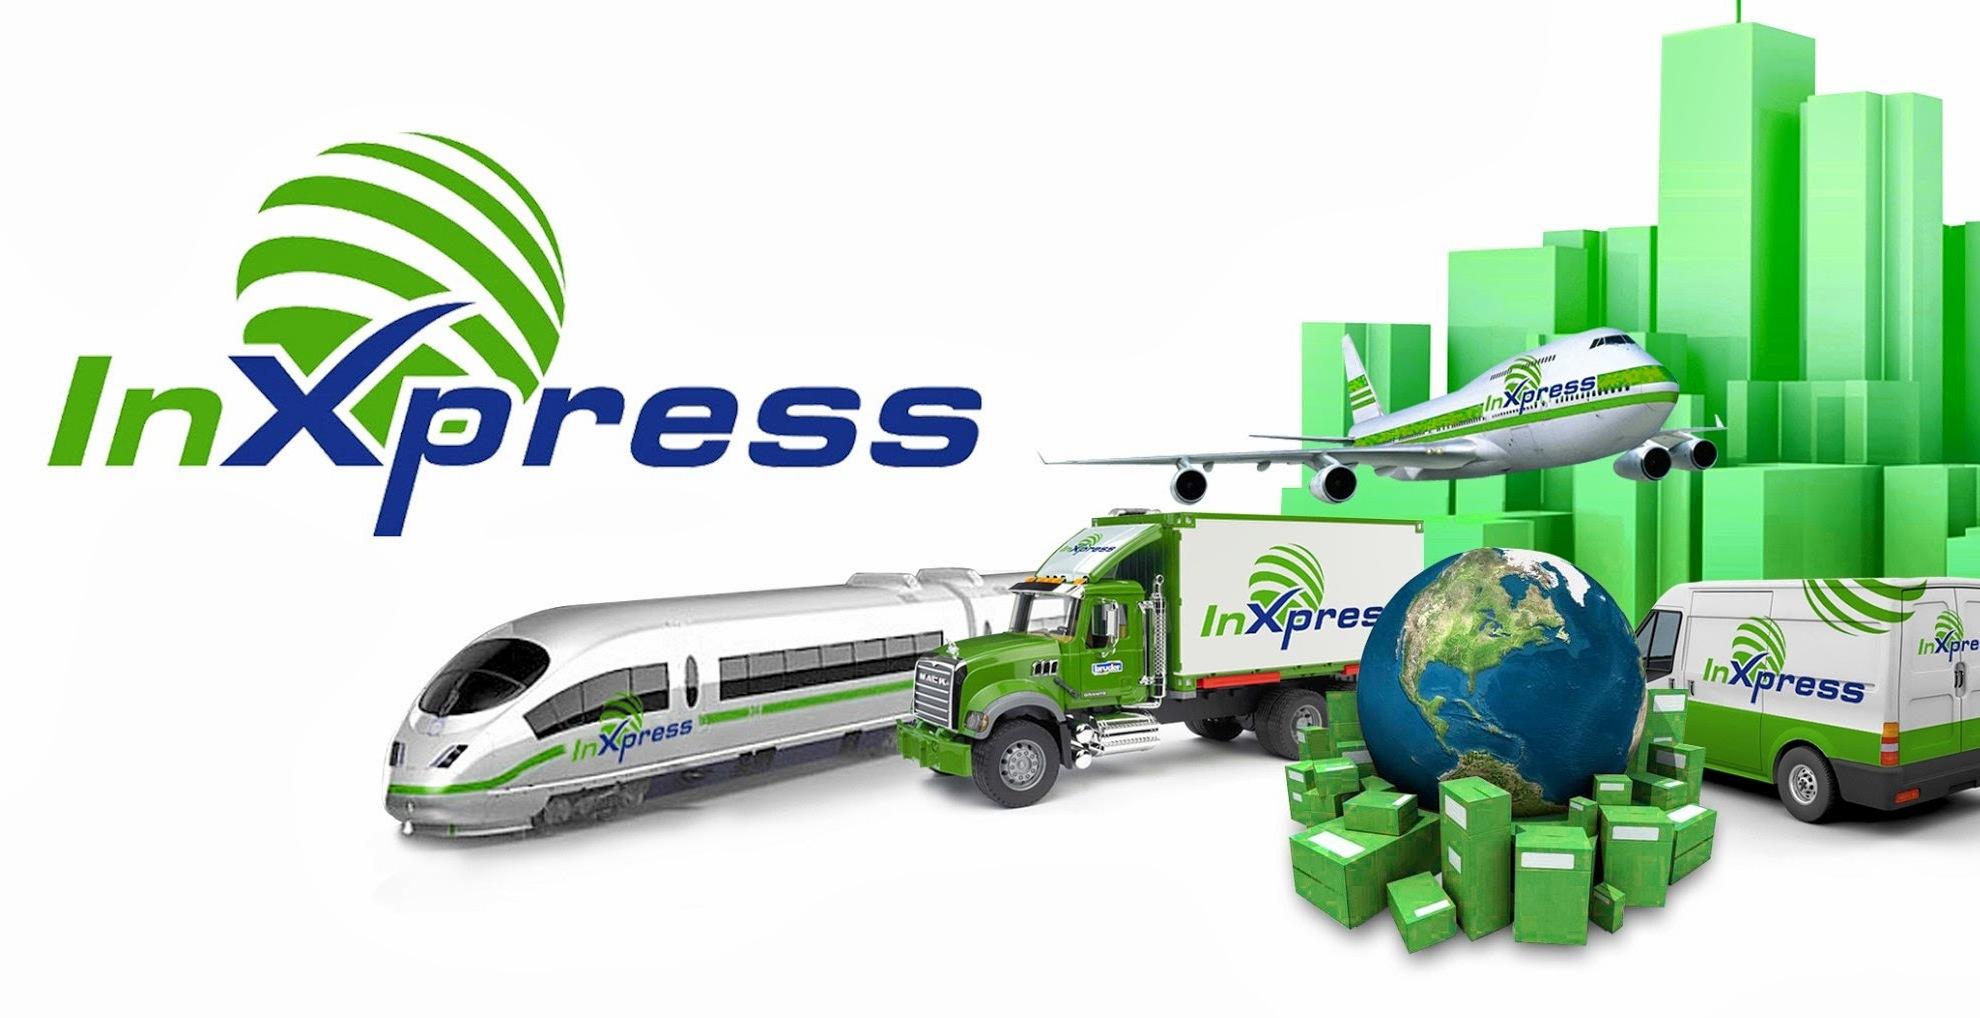 InXpress Image